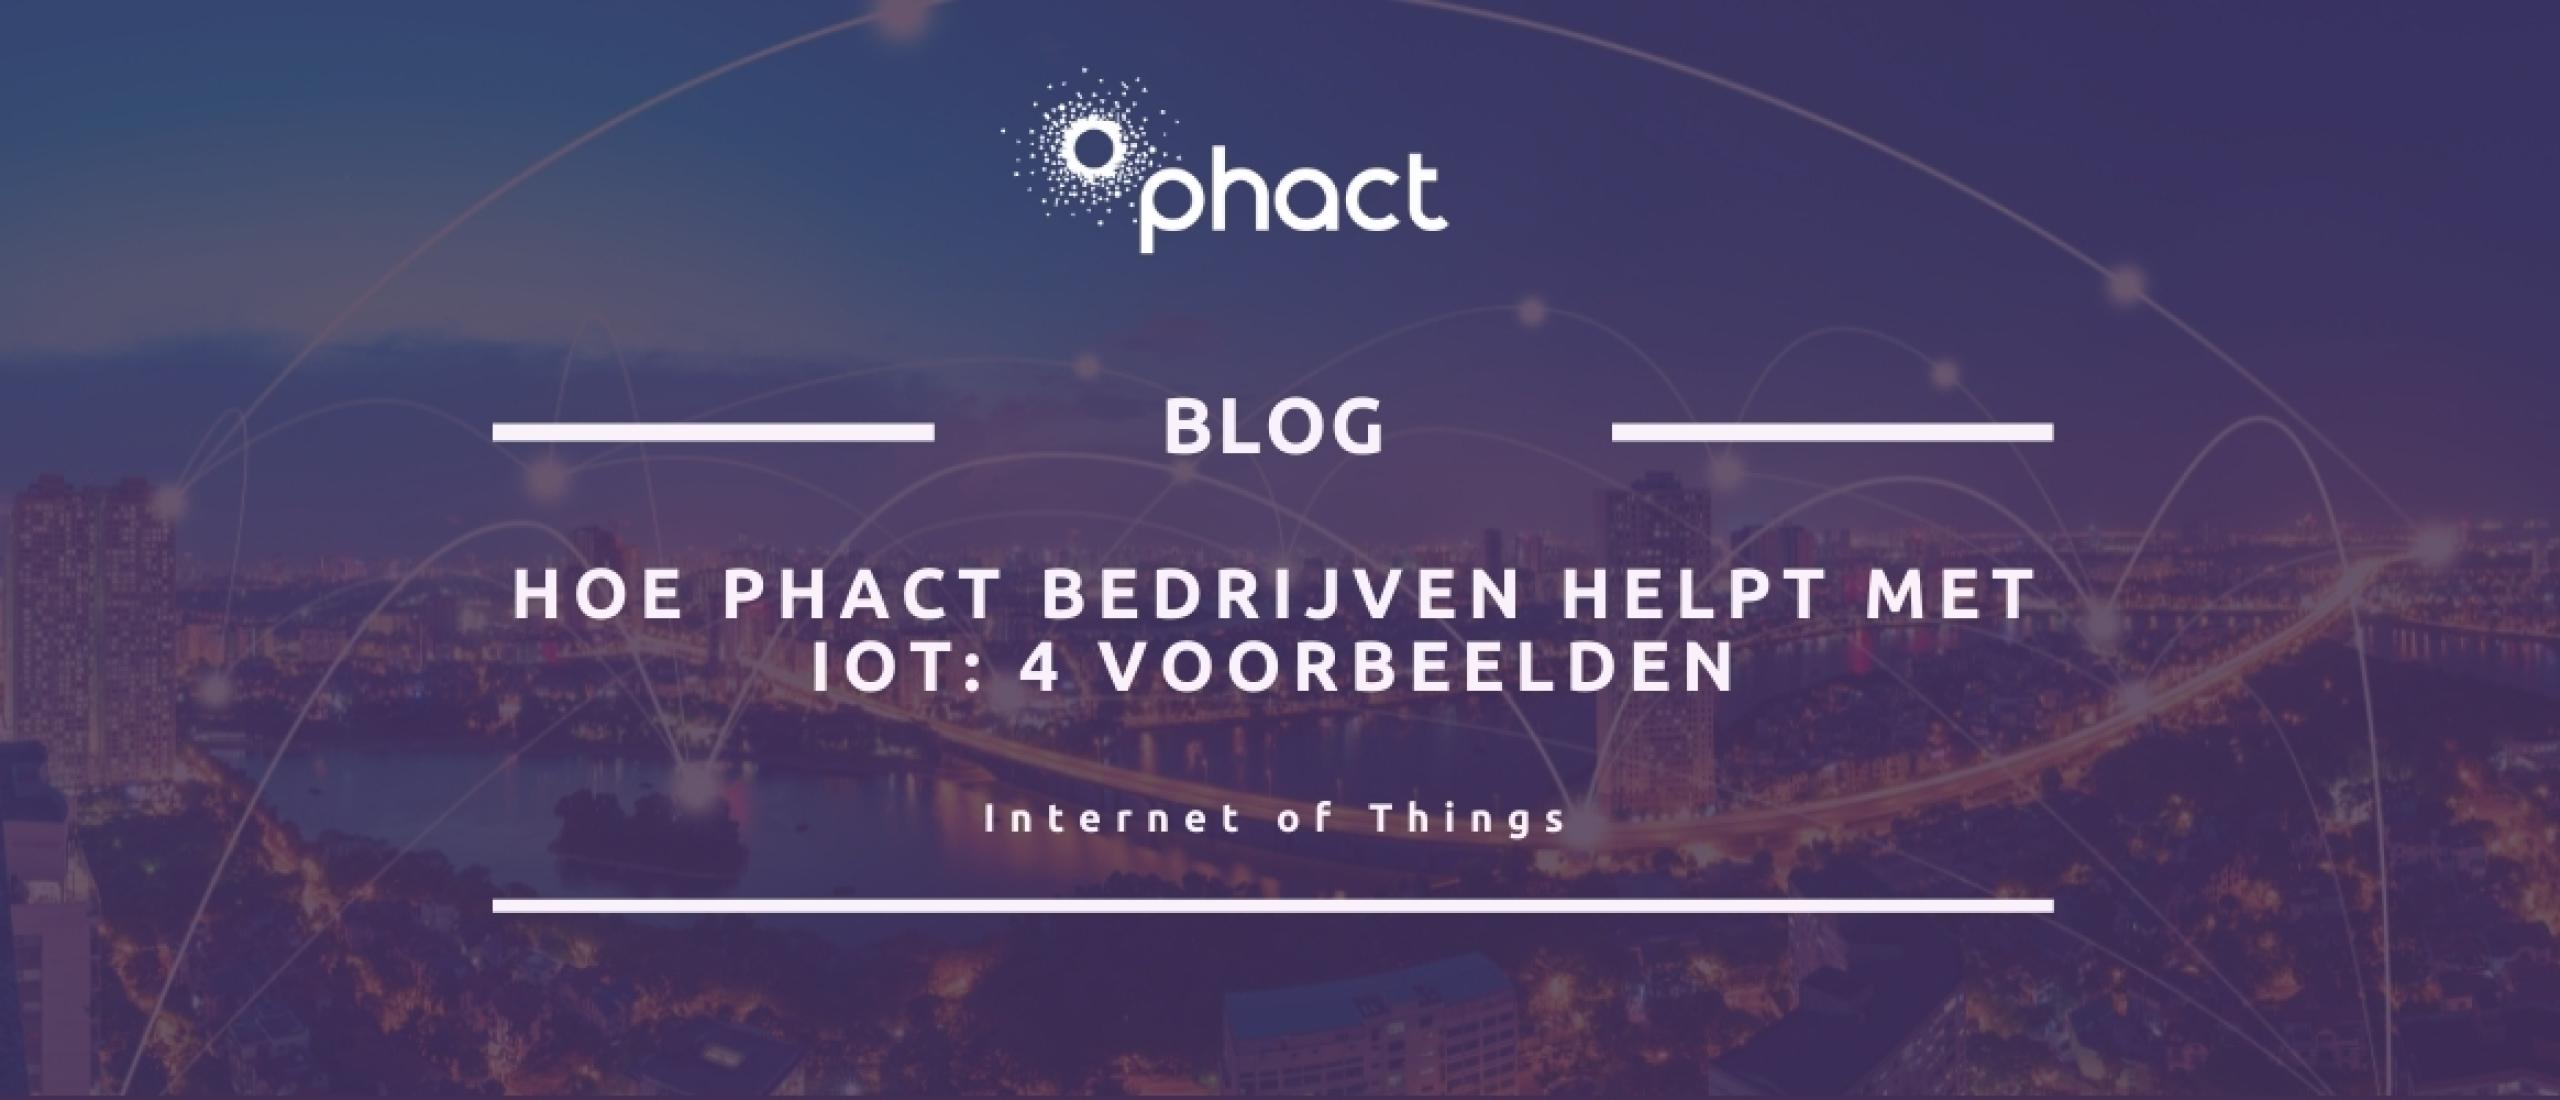 Hoe Phact bedrijven helpt met IoT: 4 voorbeelden